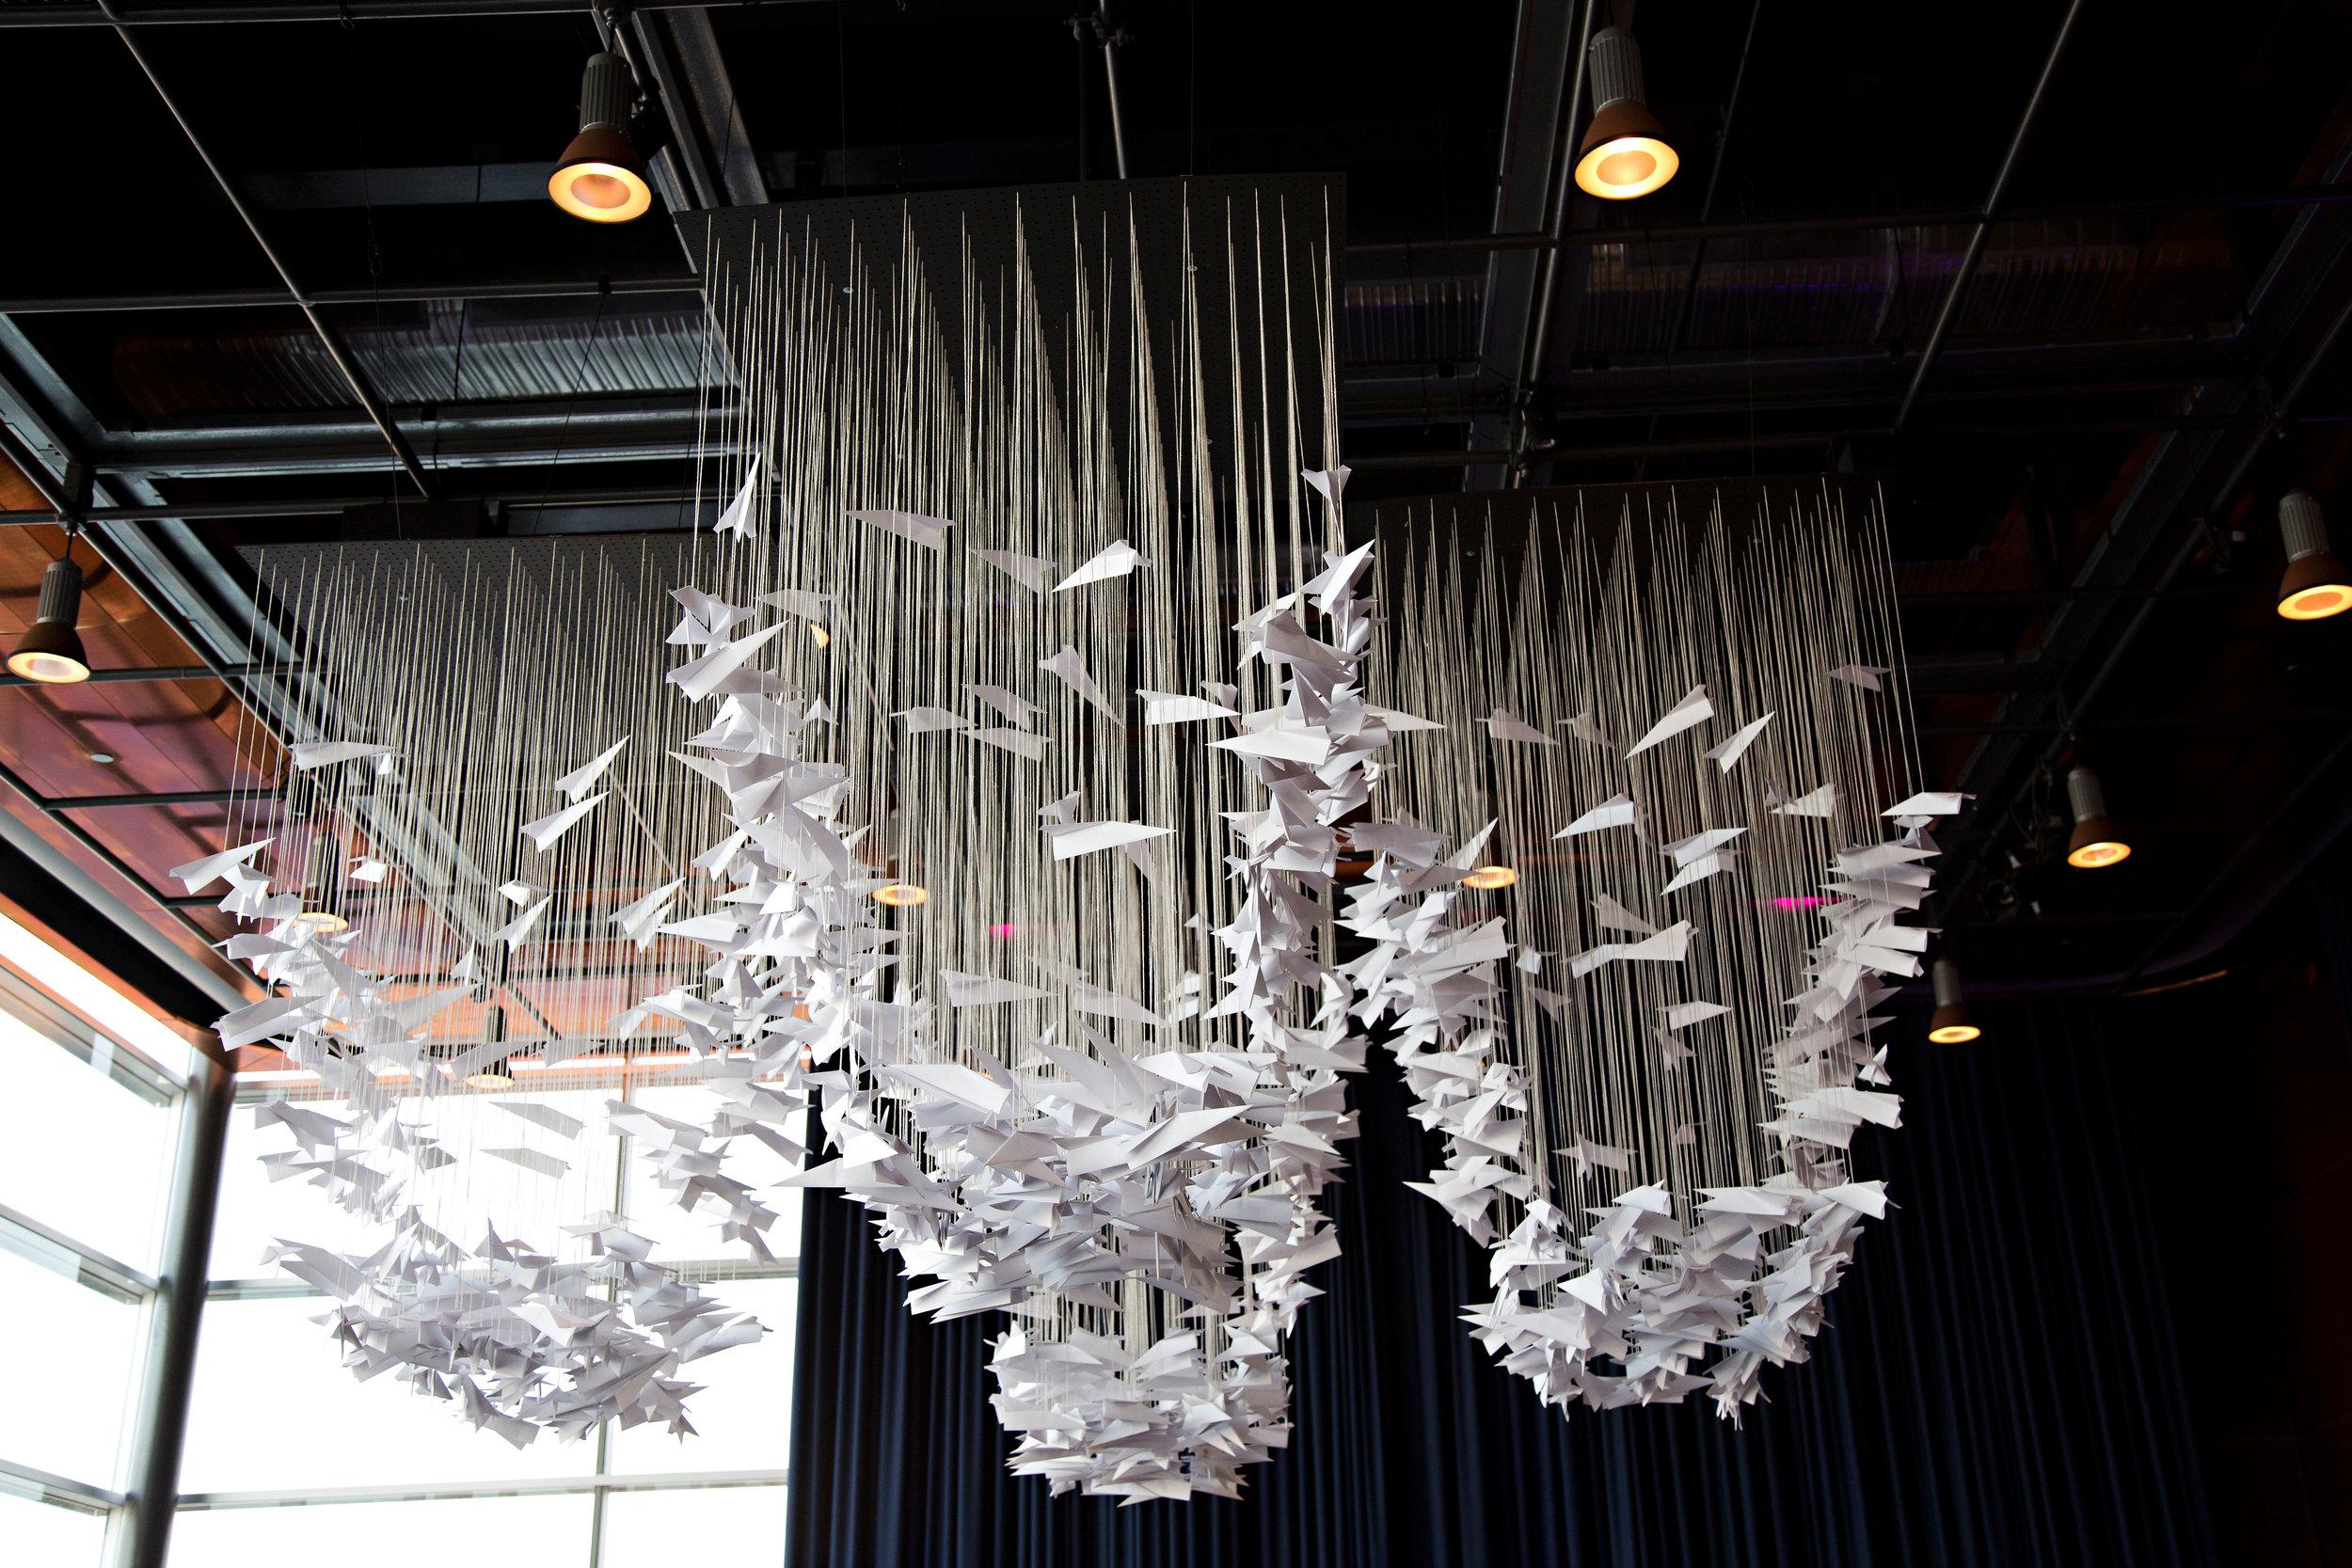 22 unique chandelier paper plane chandelier O Grace Photography Life Design Events  .jpg